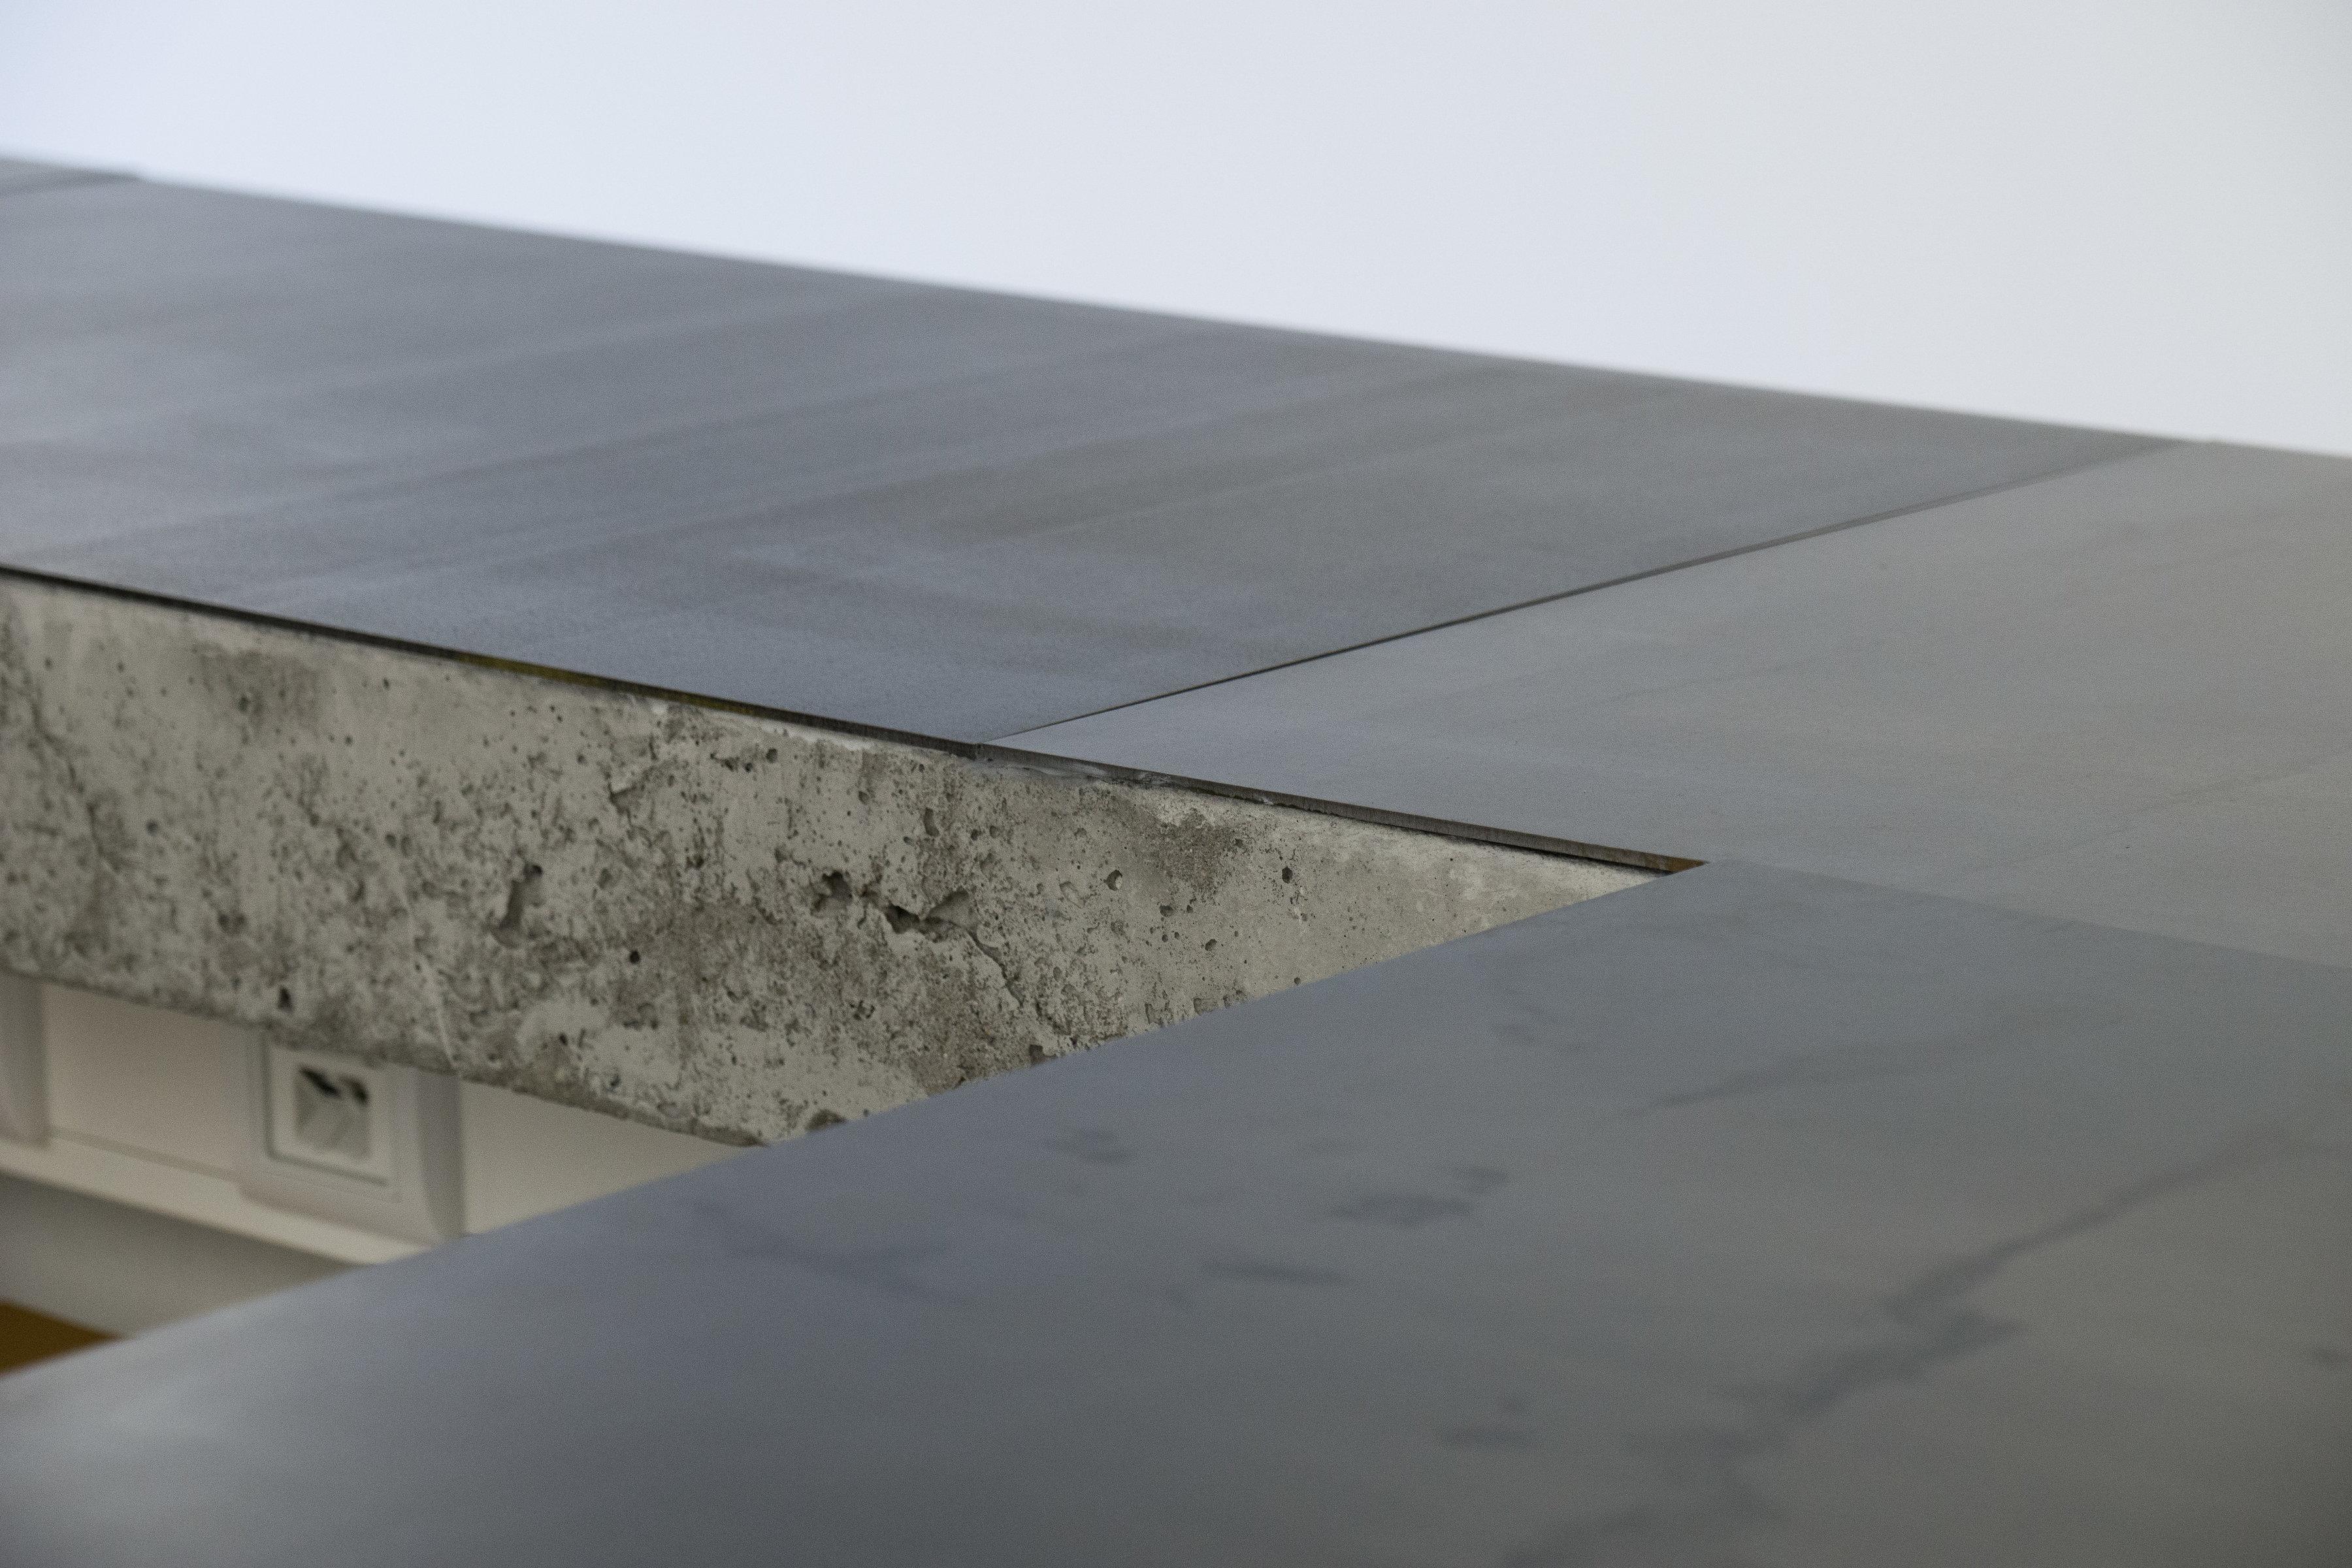 Tresen im hesign International GmbH by handwerkplusdesign